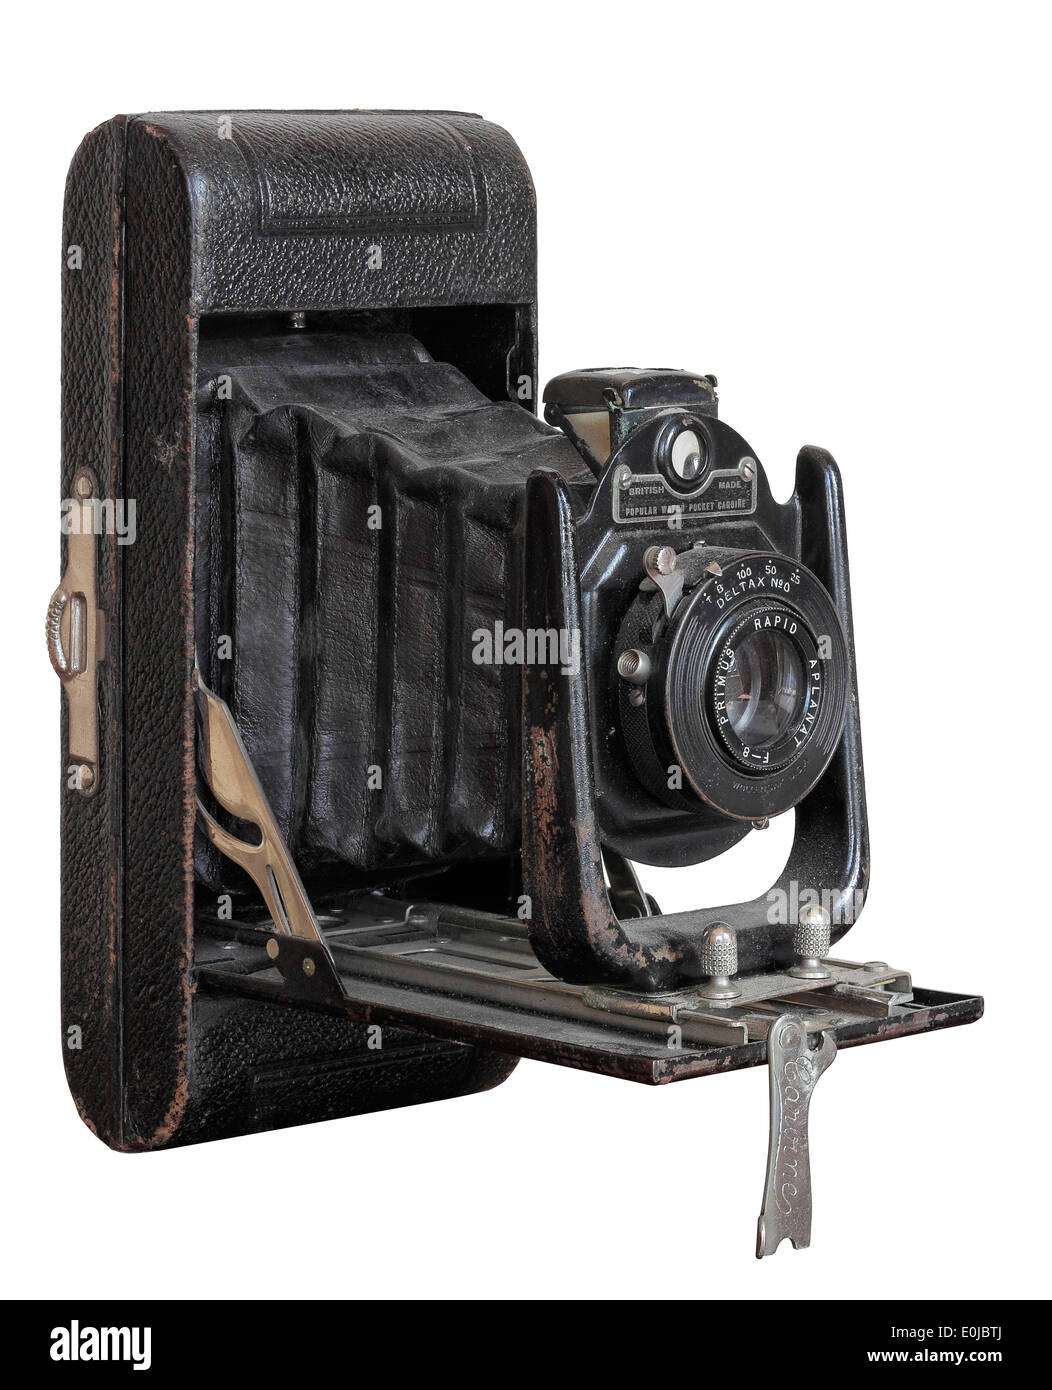 Fotocamera antichi isolati su sfondo bianco Immagini Stock